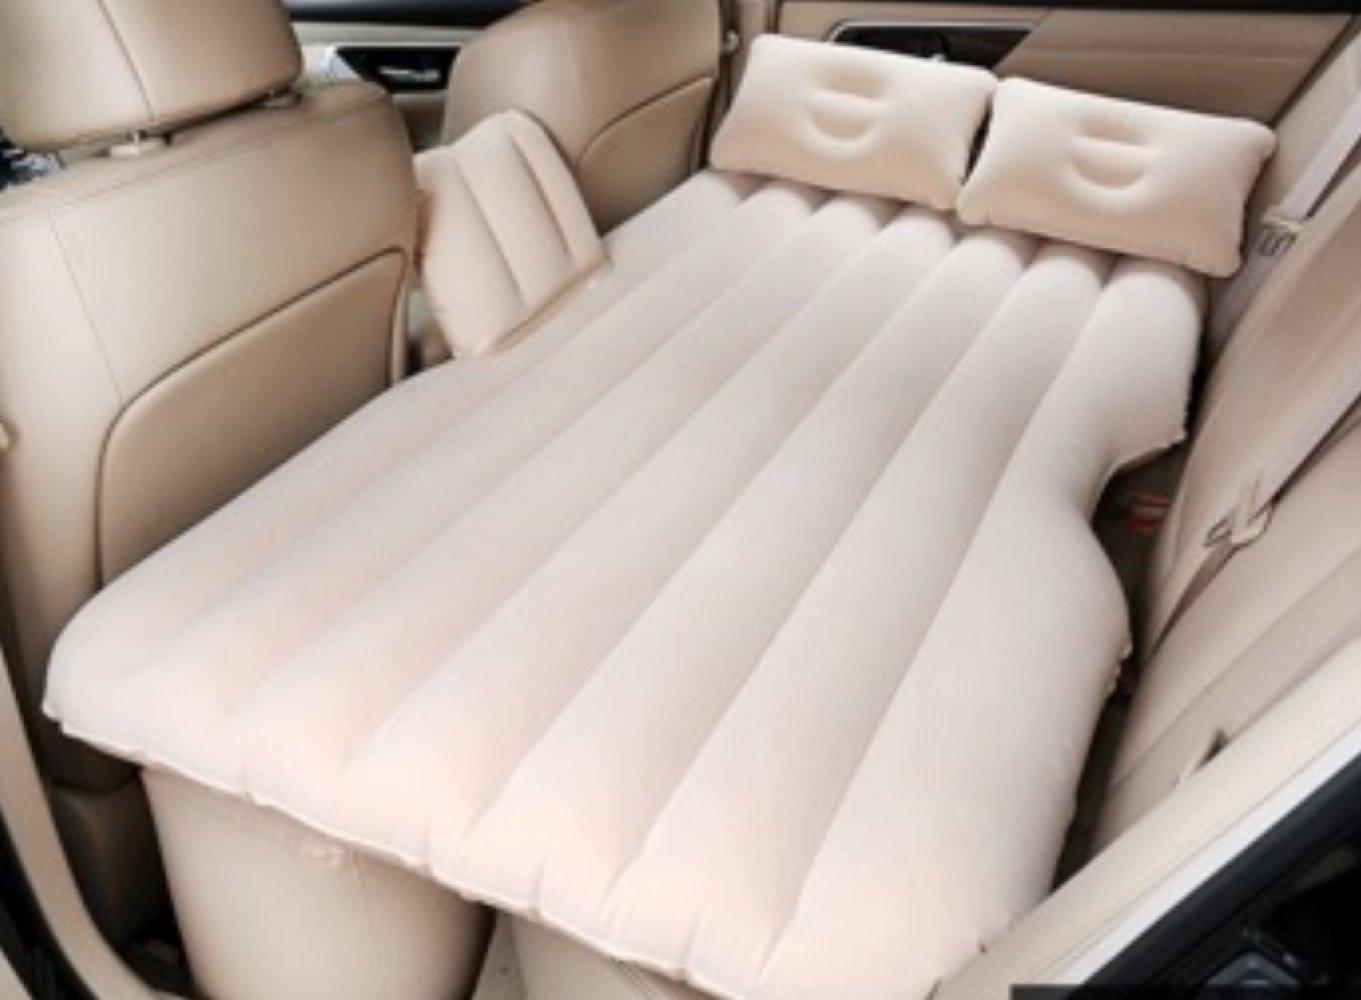 ERHANG Luftmatratzen Luftbett Doppelbett Tragbare Aufblasbare Bett Reisebett Erwachsene Schlafmatte,Beige